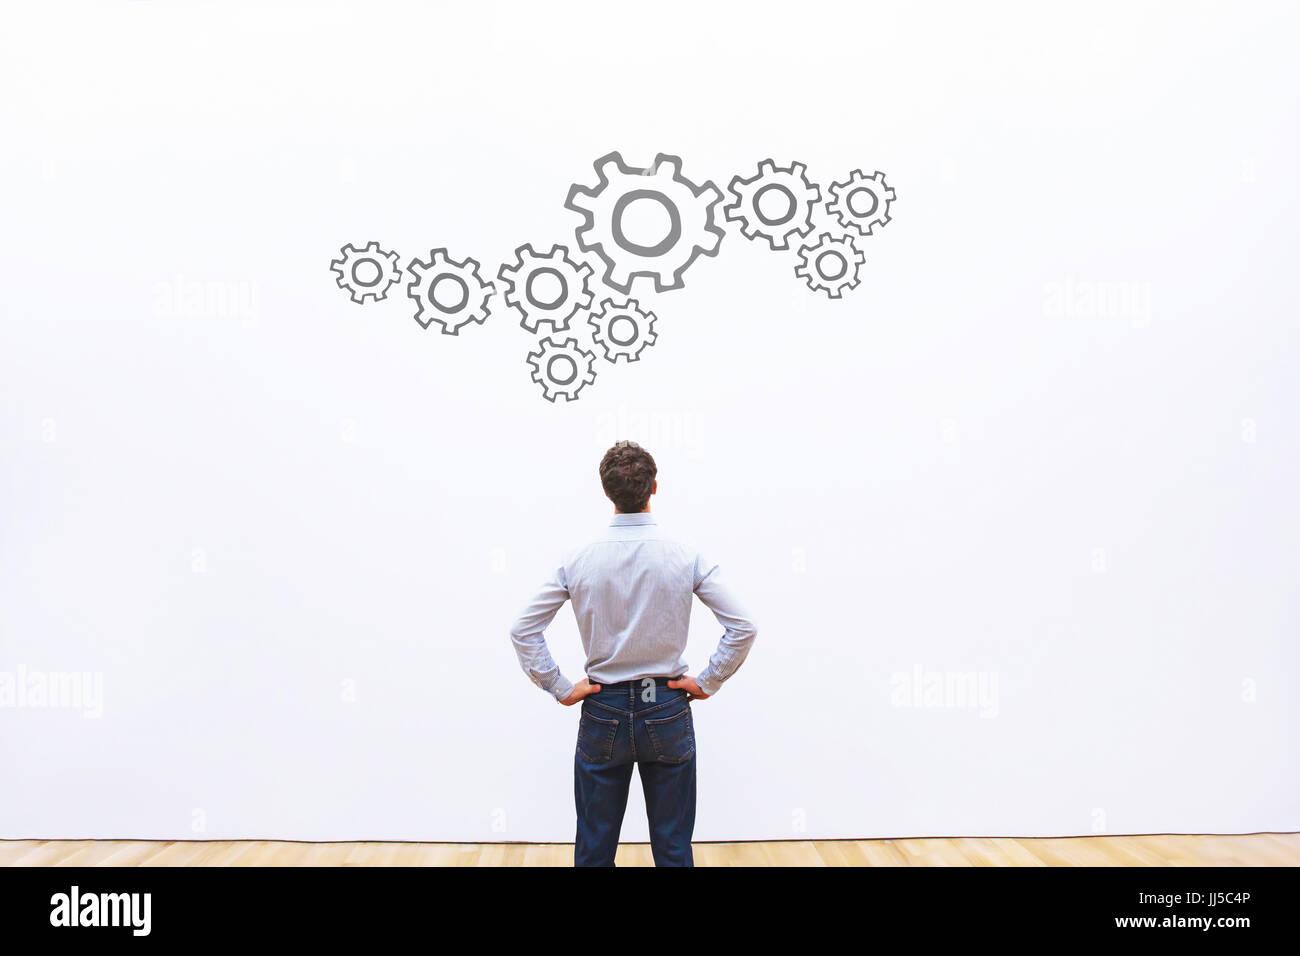 Il concetto di processo, meccanismo di business, la trasformazione Immagini Stock